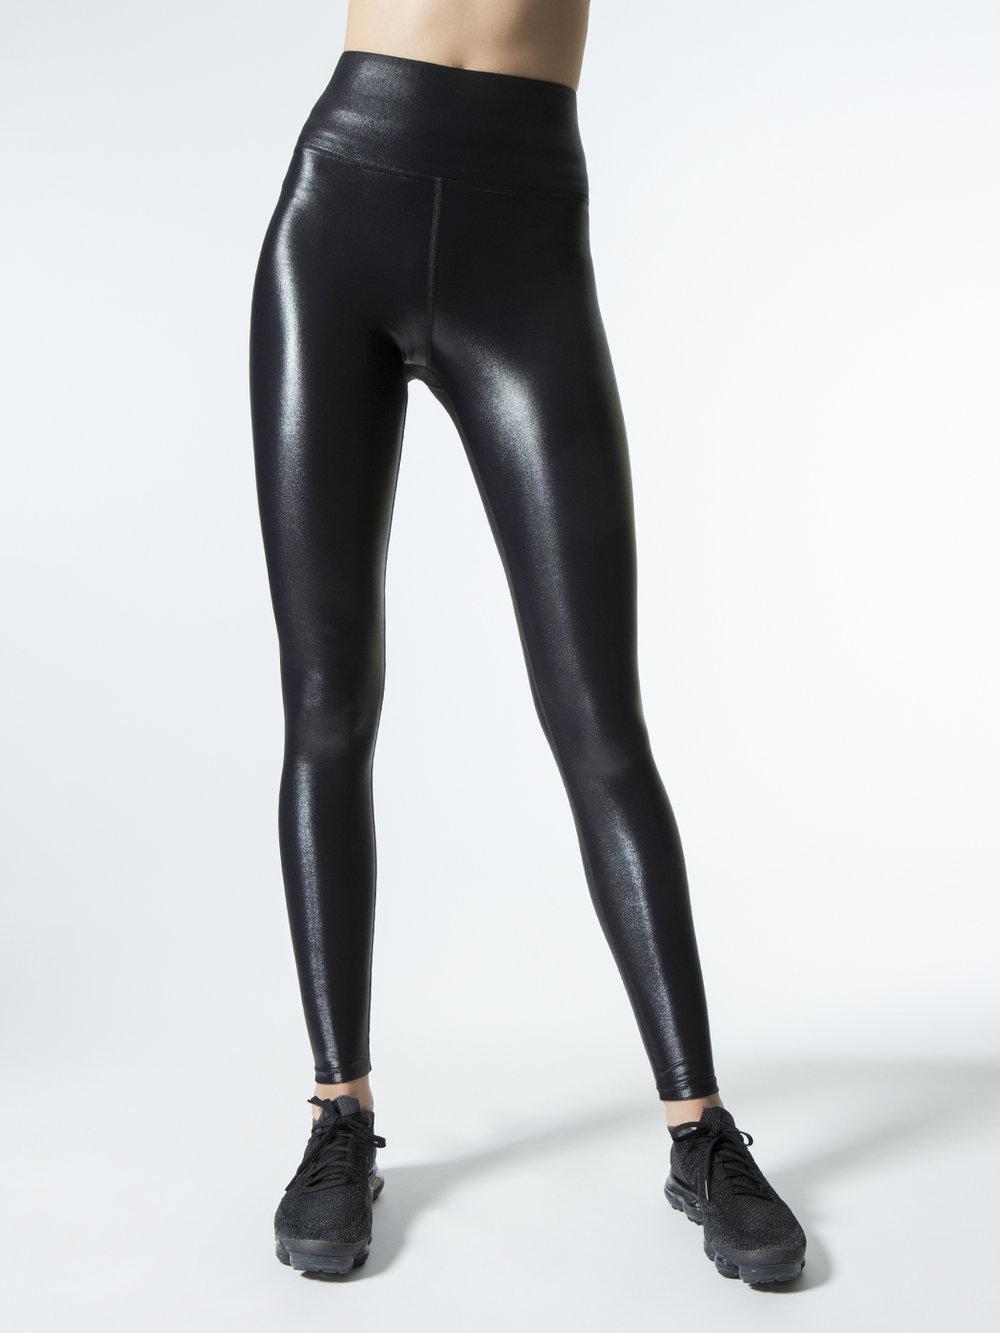 1-carbon38-high-waisted-takara-legging-bottoms-black_1.jpg